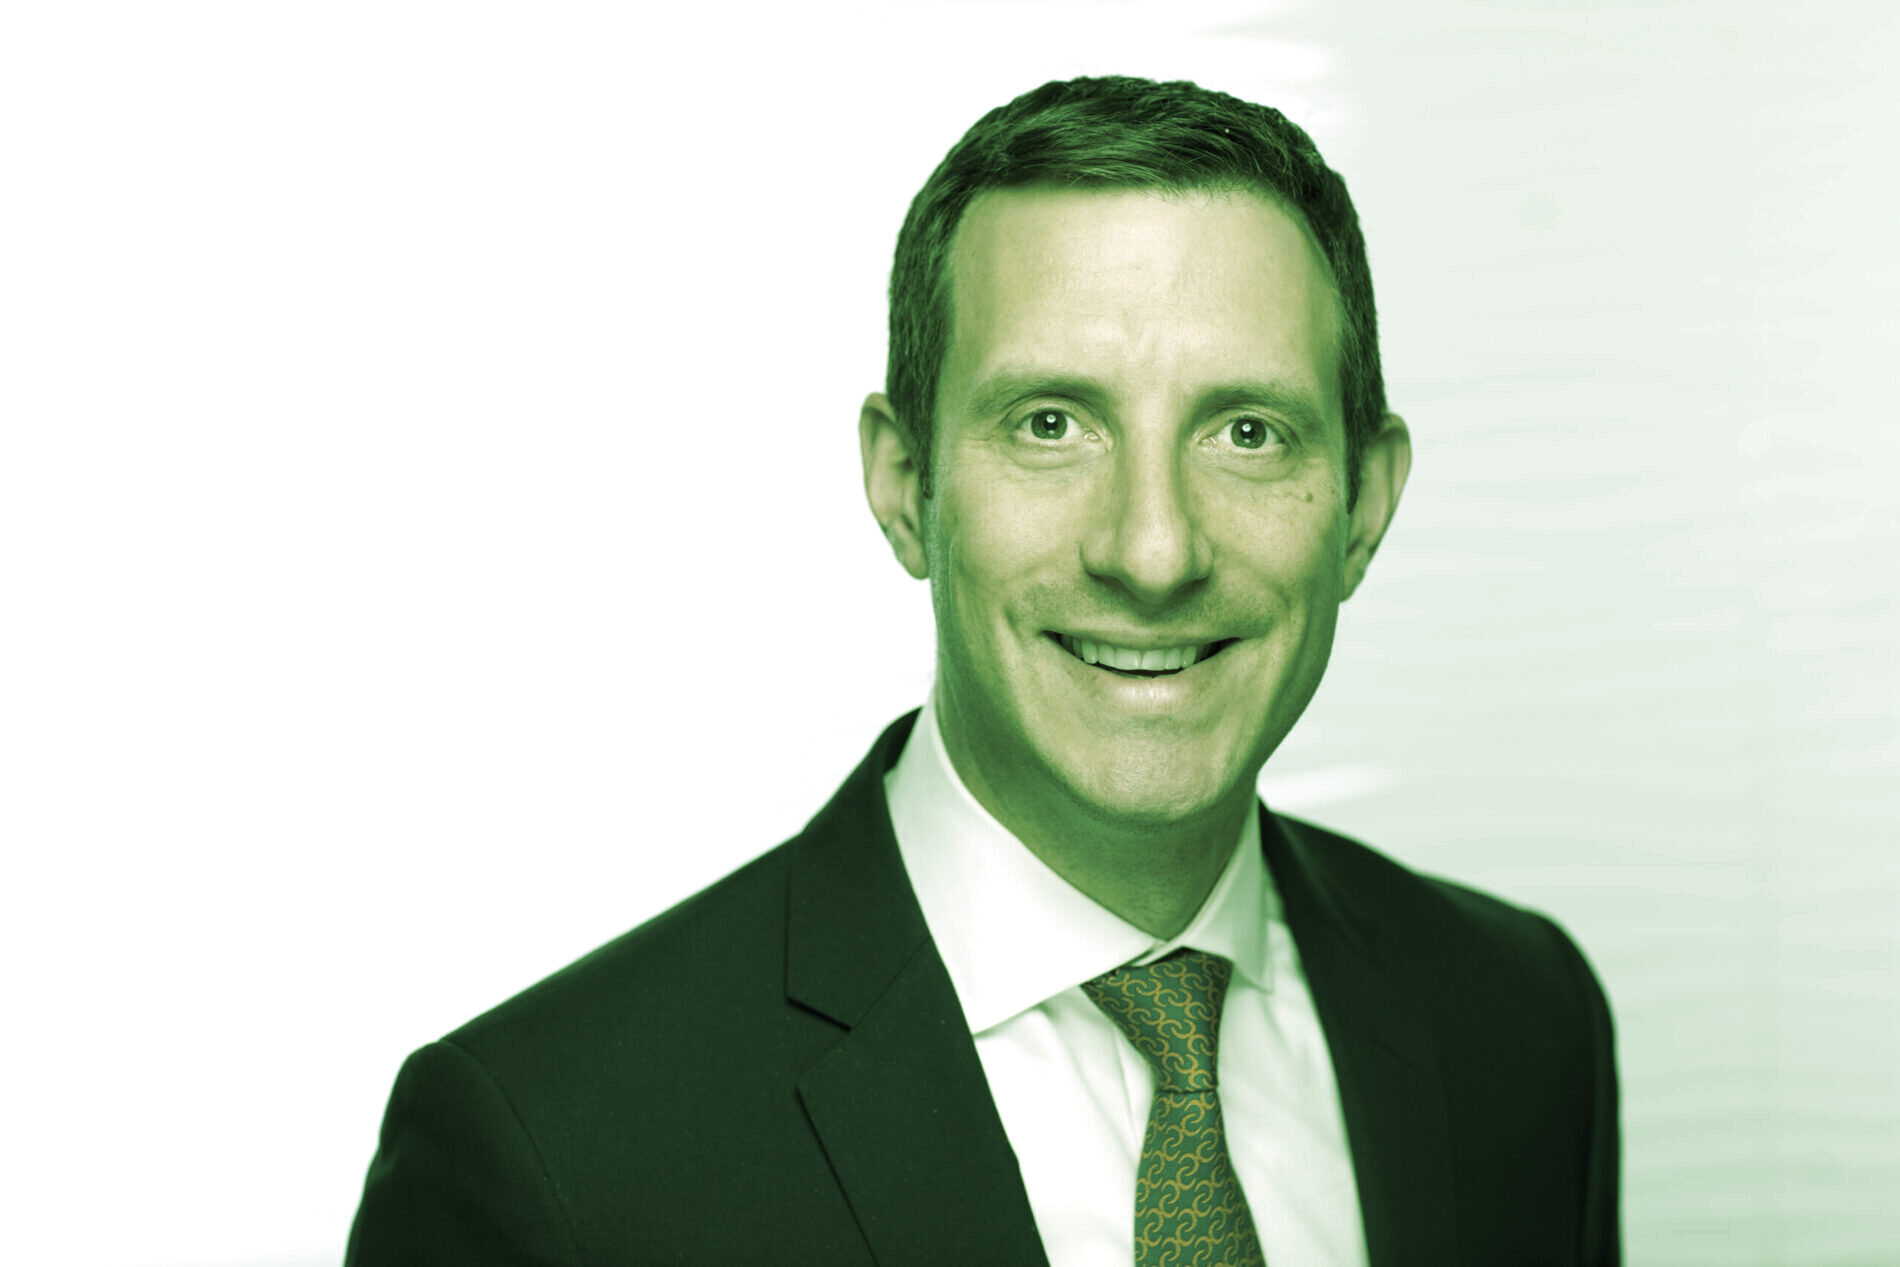 Grayscale Appoints Finance Industry Veteran as Head of Global ETFs